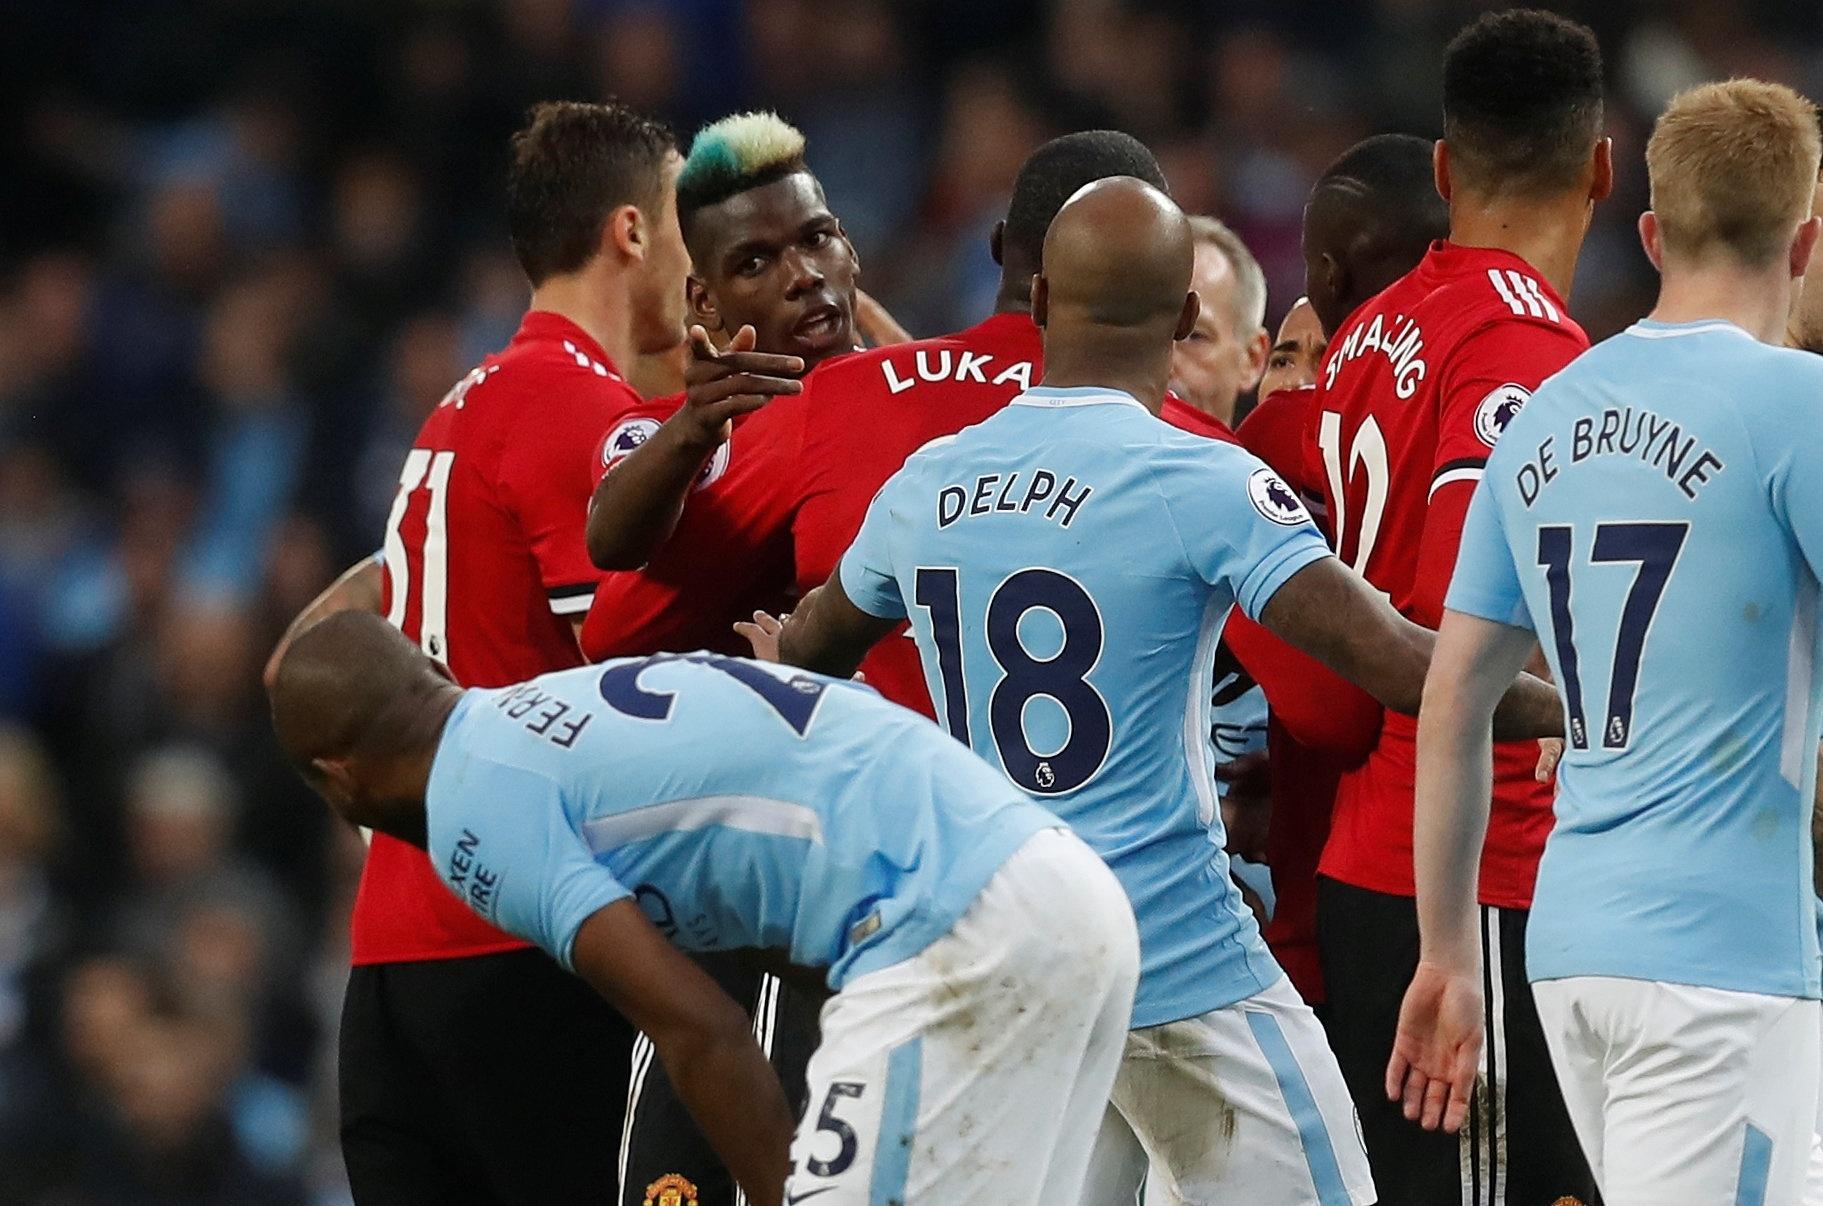 Princípio de confusão entre os jogadores de Manchester United e Manchester City